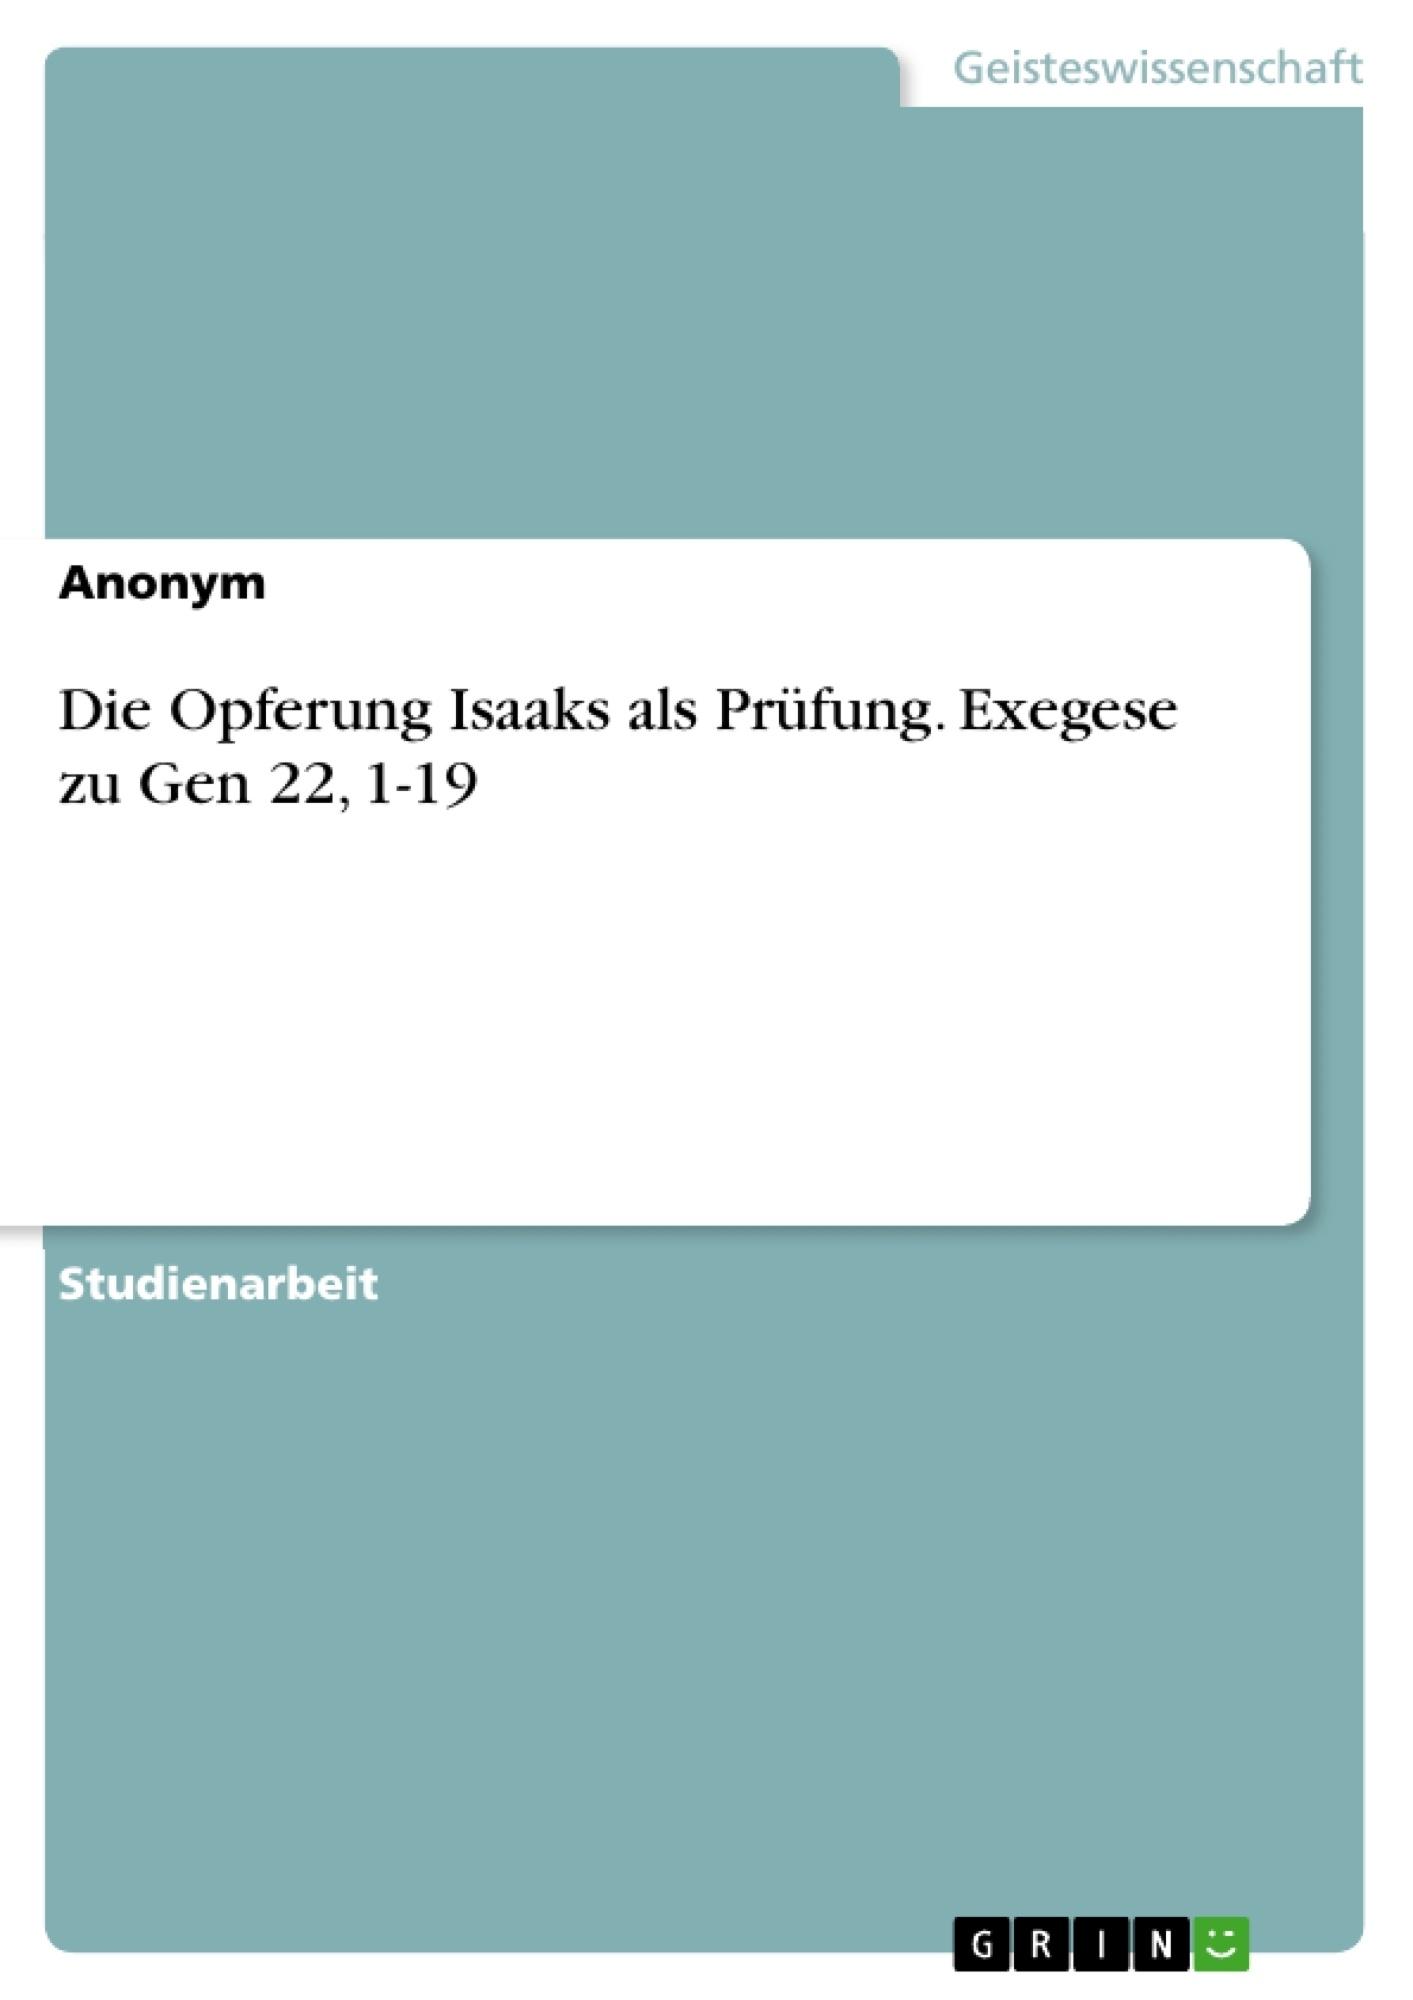 Titel: Die Opferung Isaaks als Prüfung. Exegese zu Gen 22, 1-19